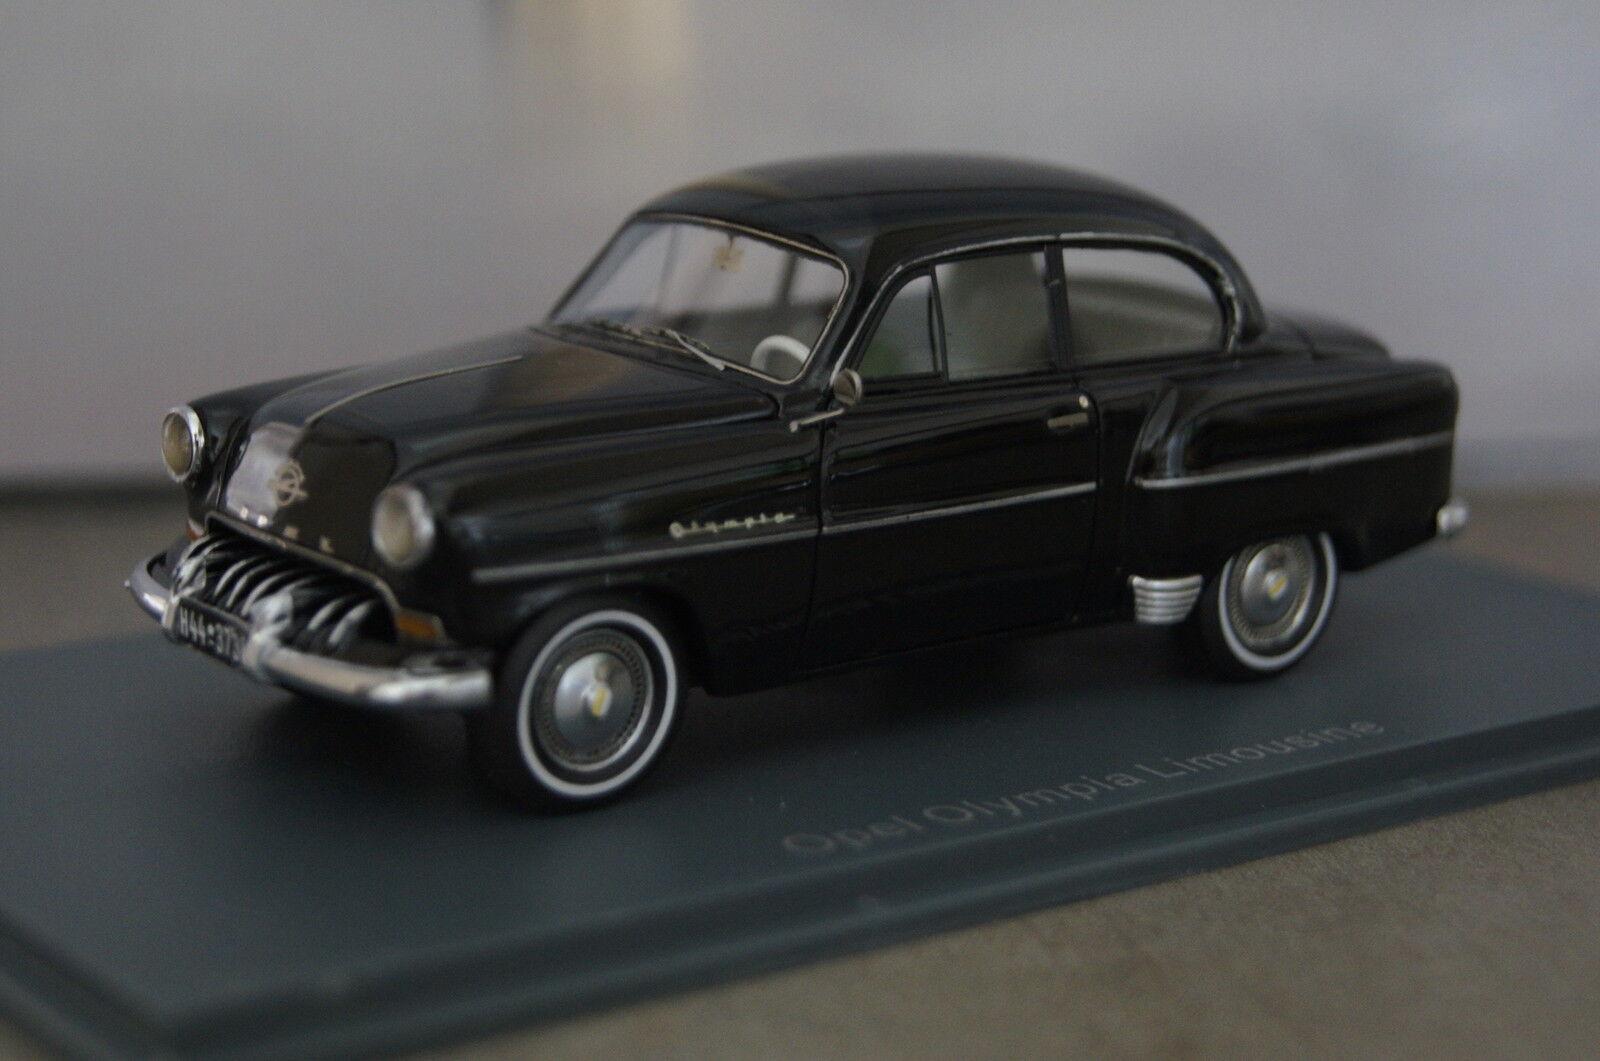 Garantía 100% de ajuste Opel Olympia LIMOUSINE LIMOUSINE LIMOUSINE NEGRO 1 43 neo nuevo & OVP  marca de lujo